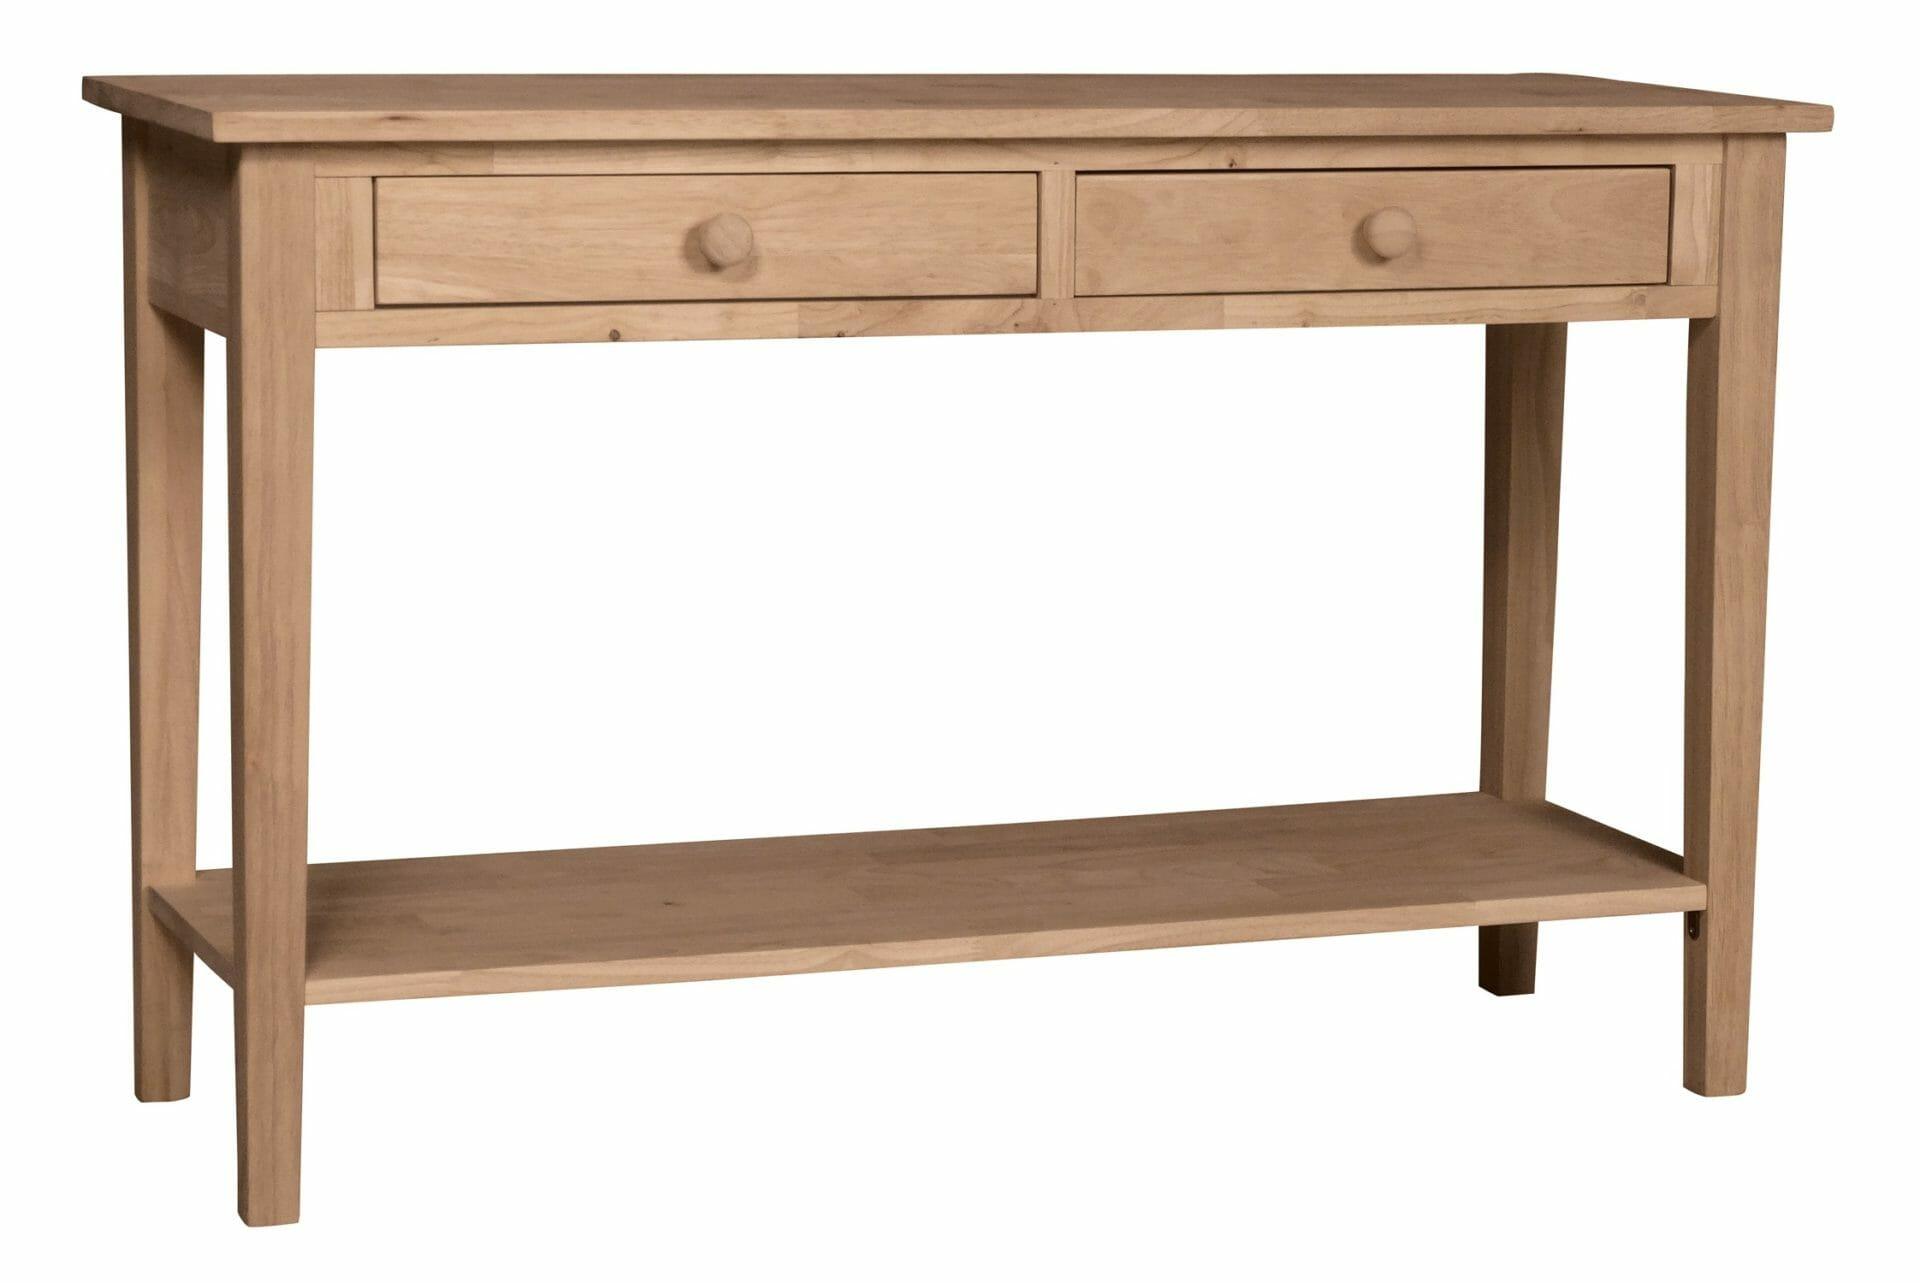 Ot 8s2 60 Inch Wide Spenser Sofa Back Table